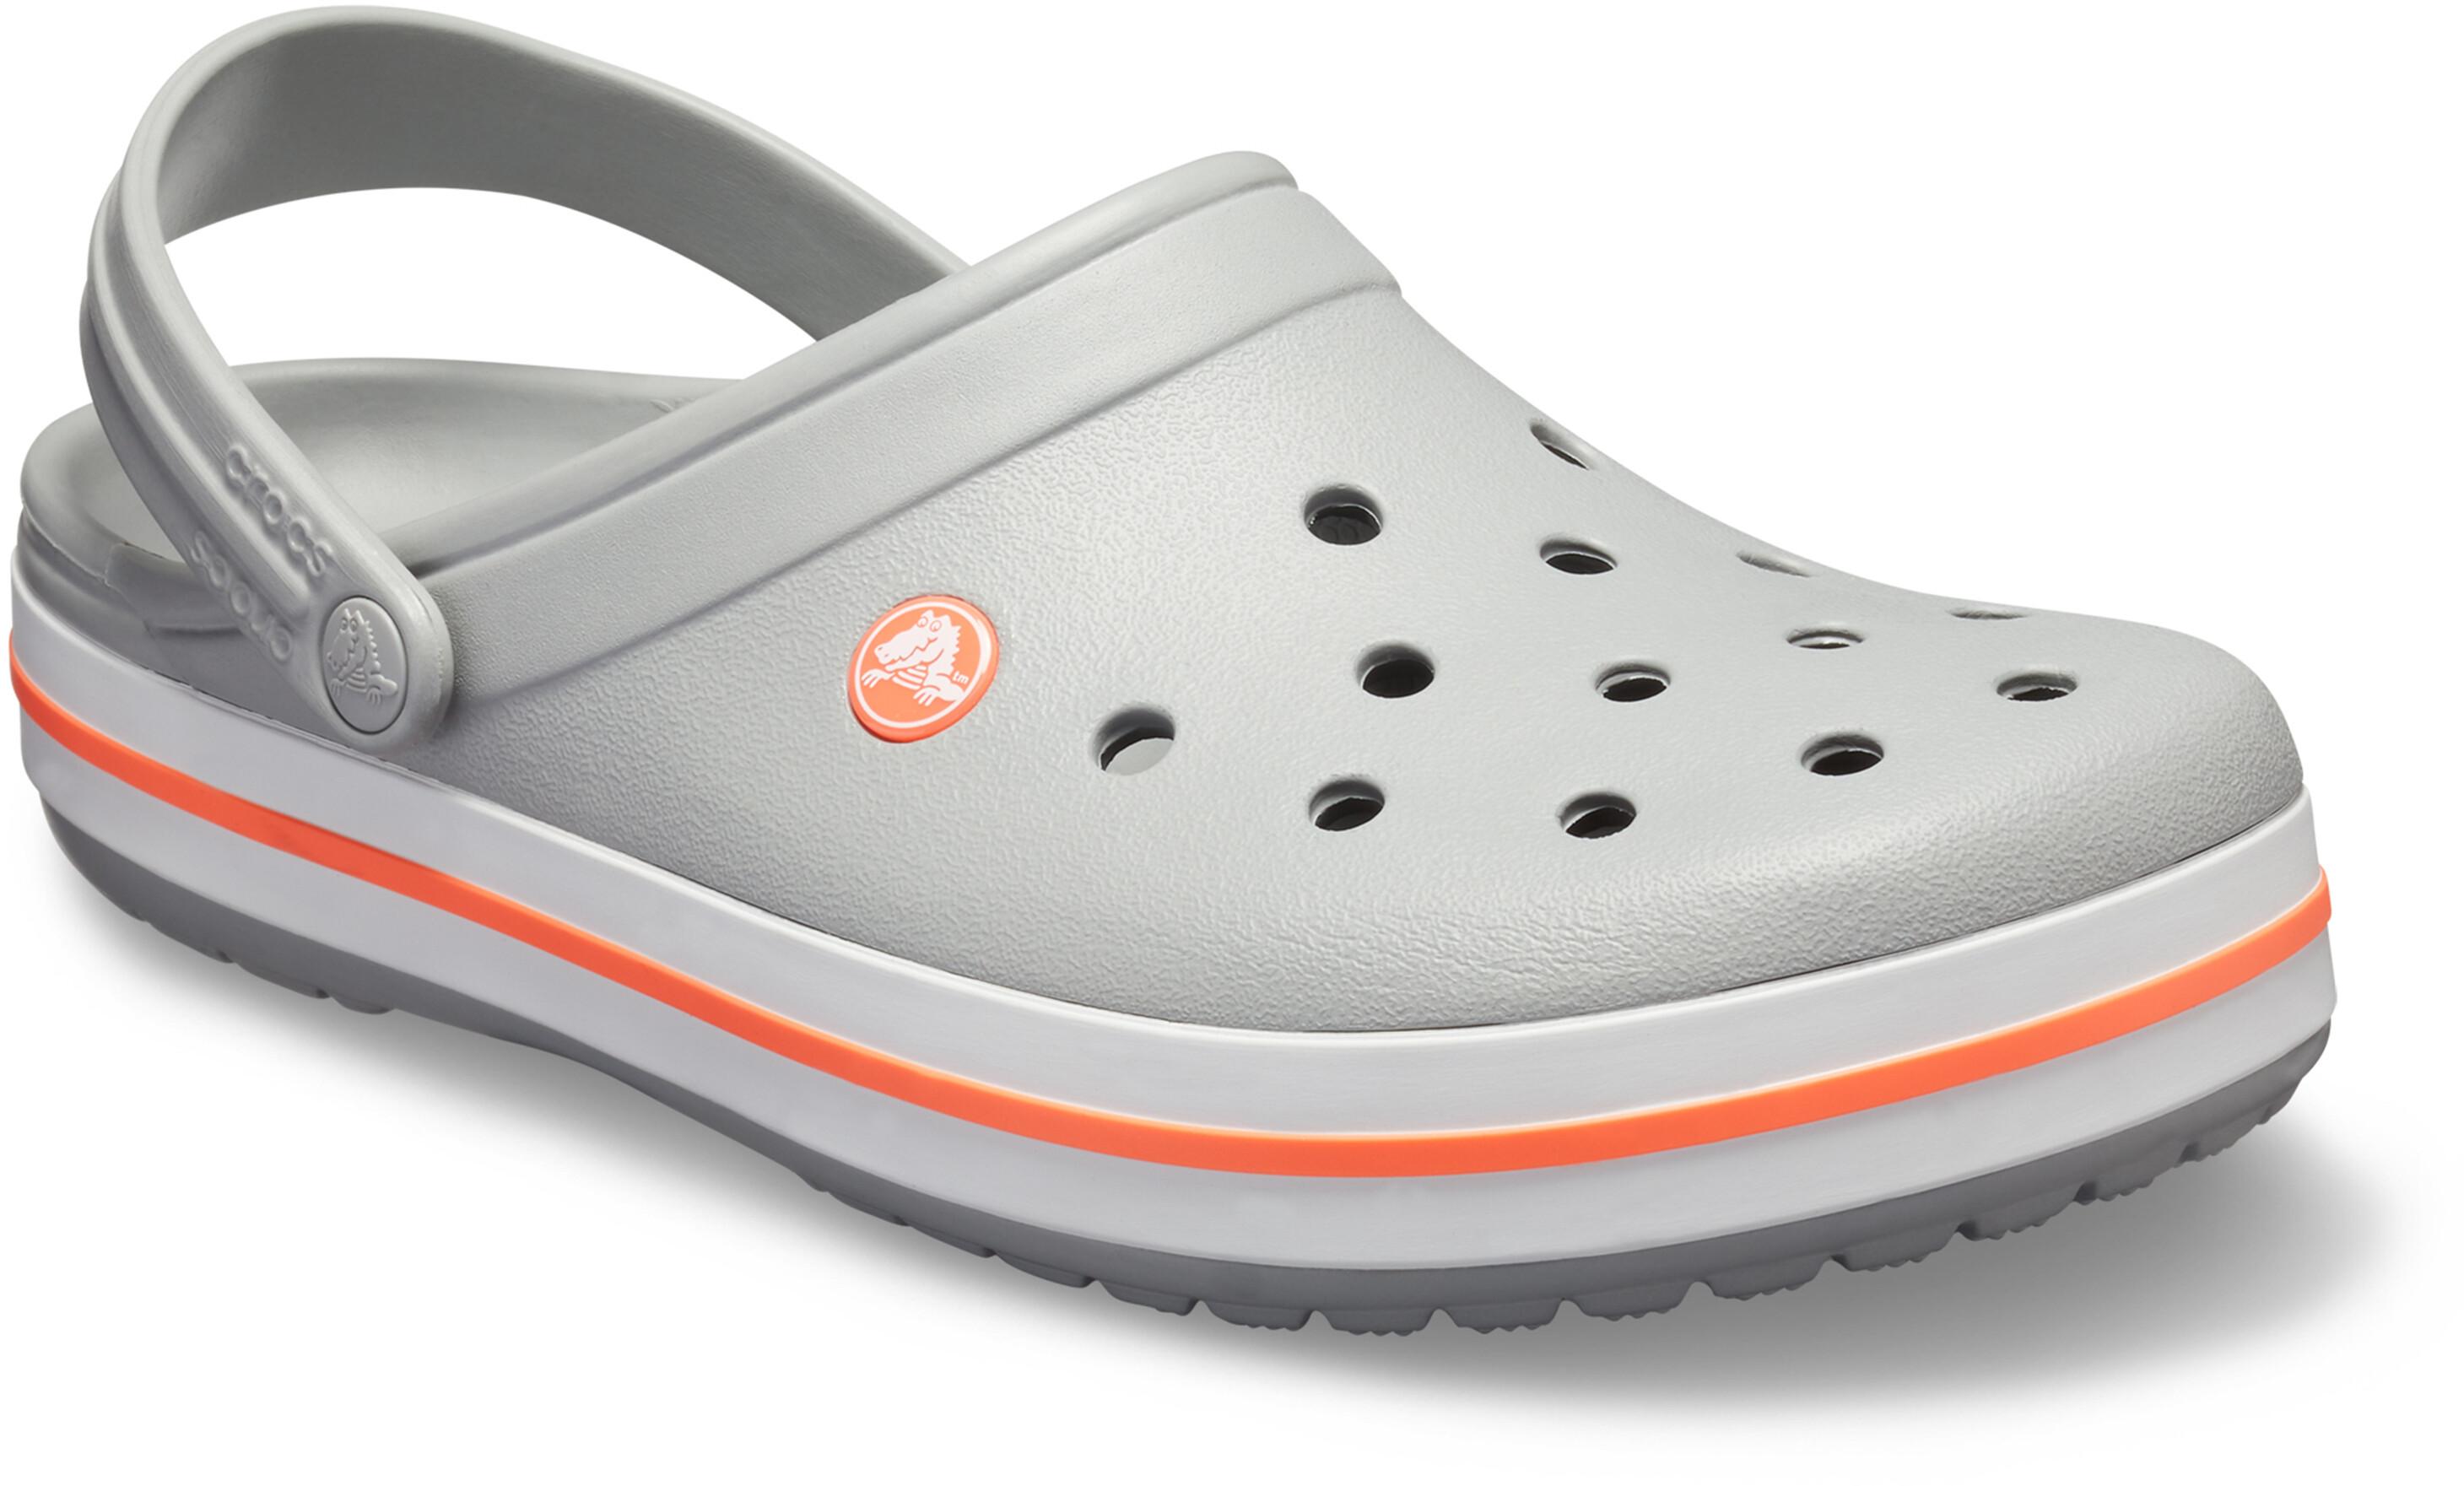 62d861ba2 Crocs Crocband Clogs Unisex